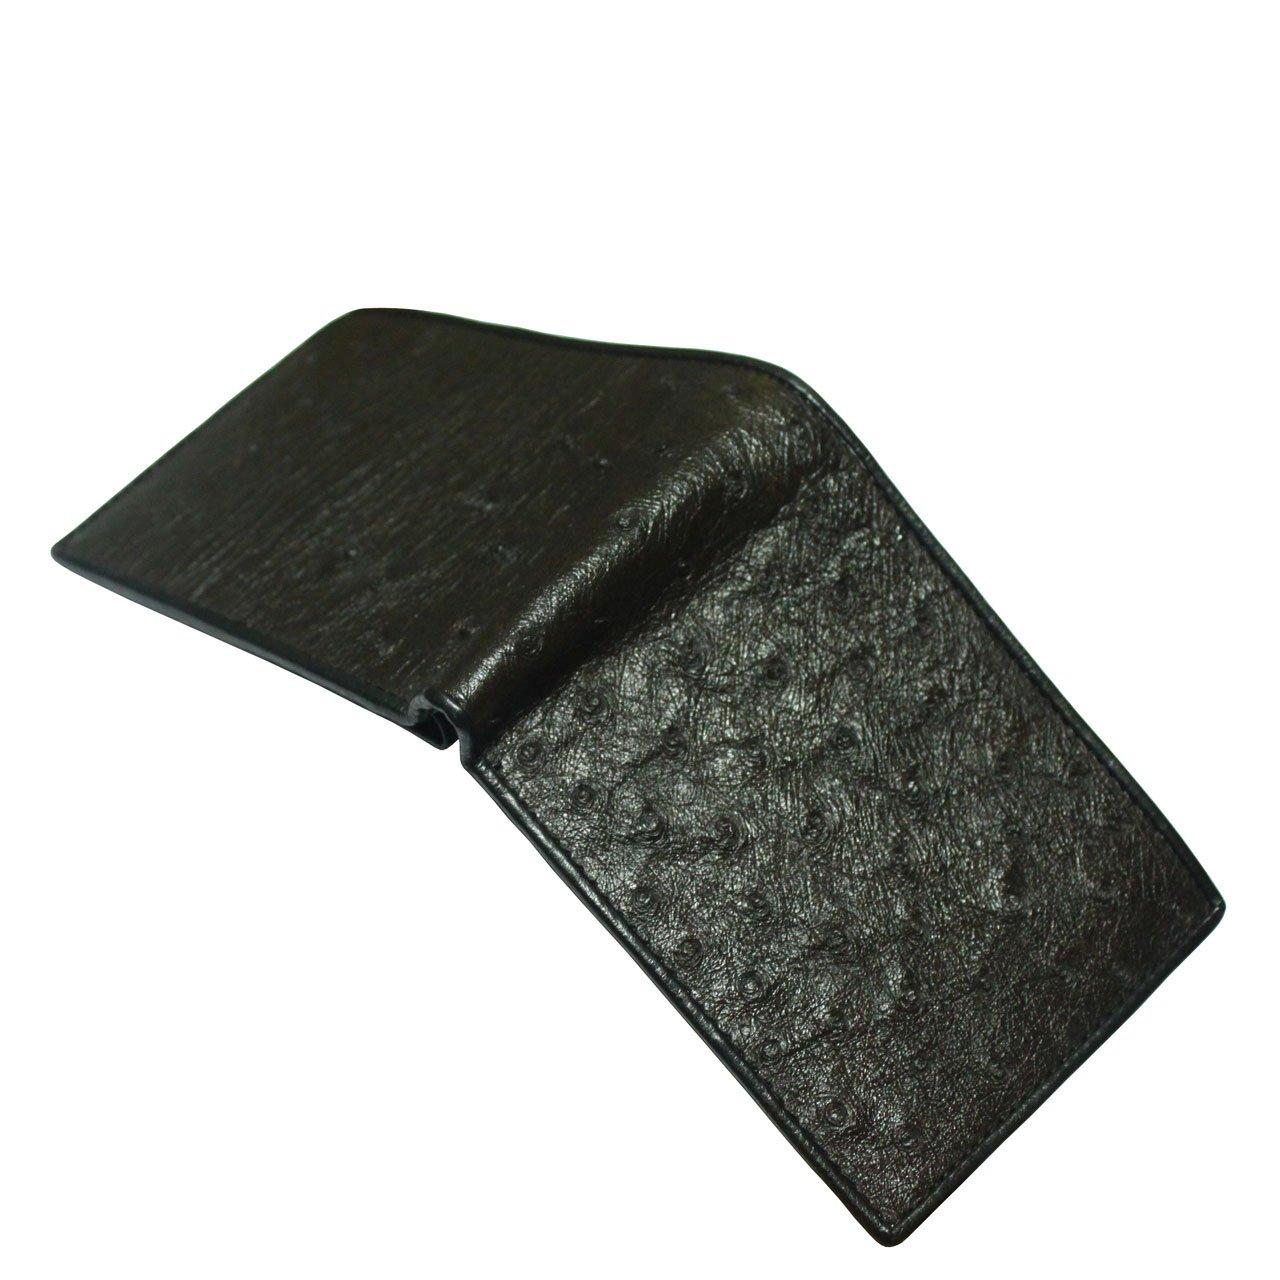 ThanhVinhCrocodile Genuine Ostrich Leg Skin Leather Man Bifold Wallet